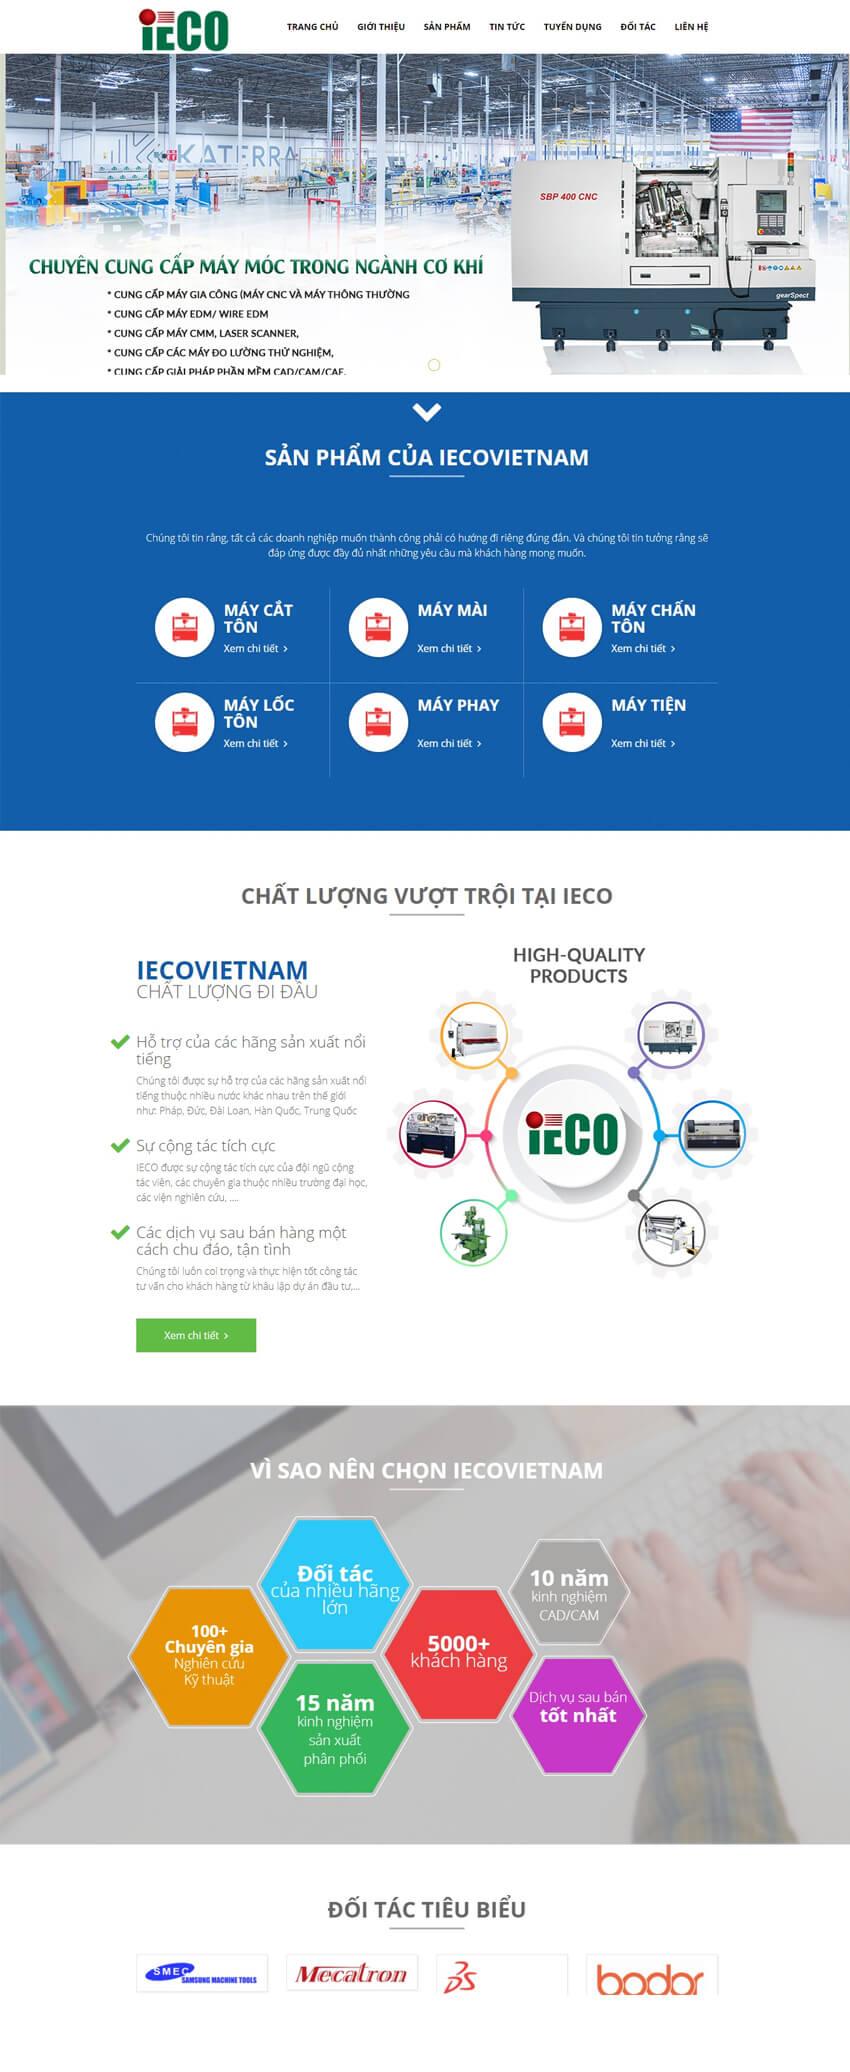 Web thiết bị máy móc IECO